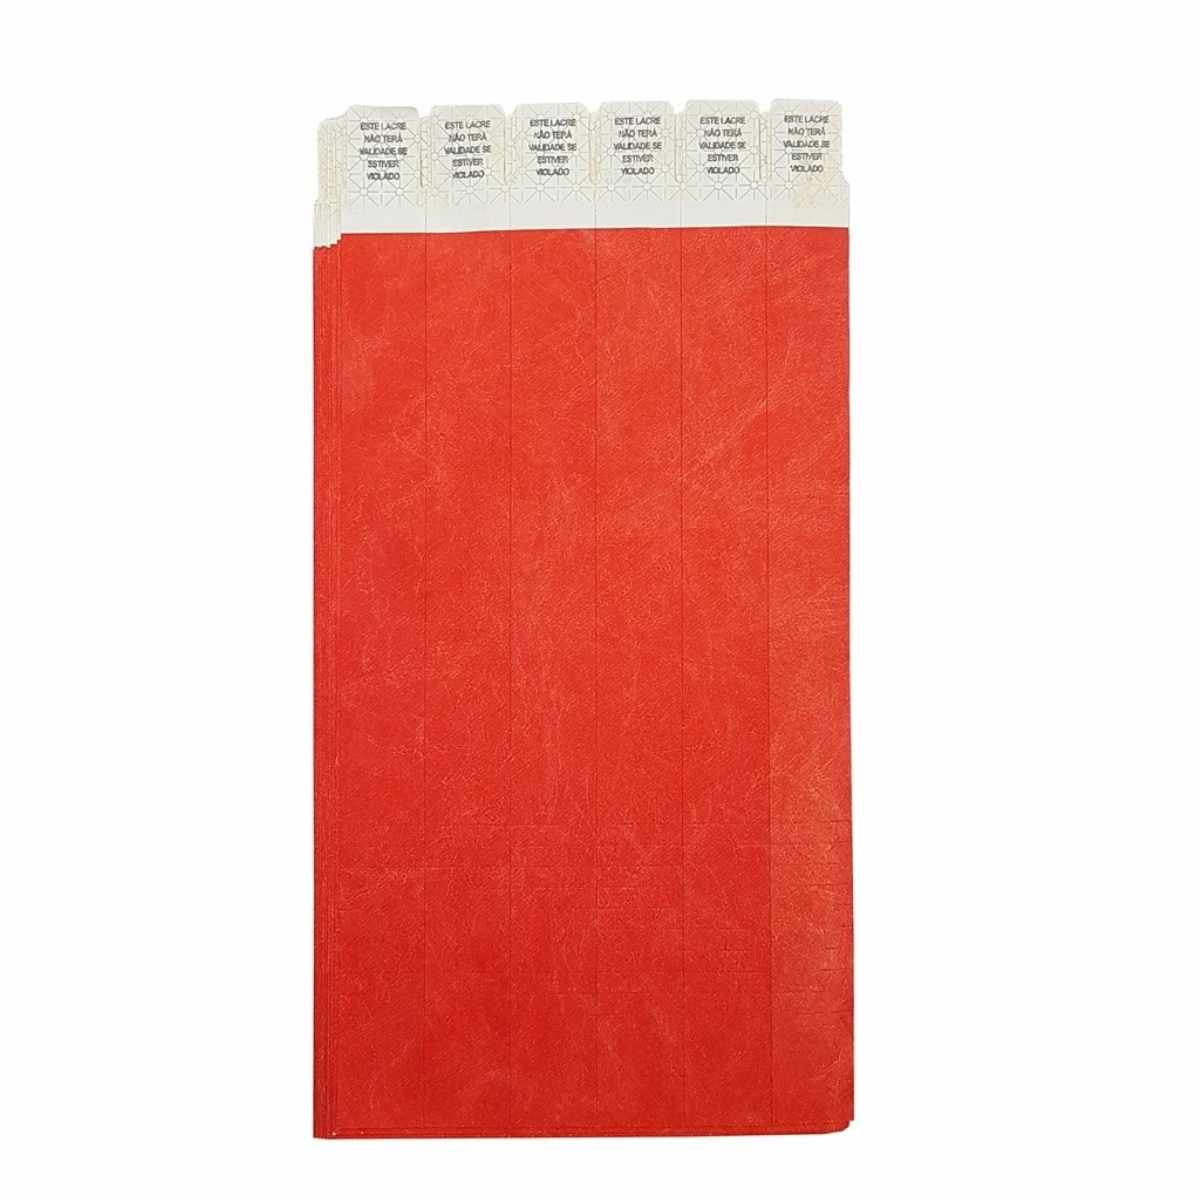 Kit Pulseira de Identificação c/100 - Vermelho